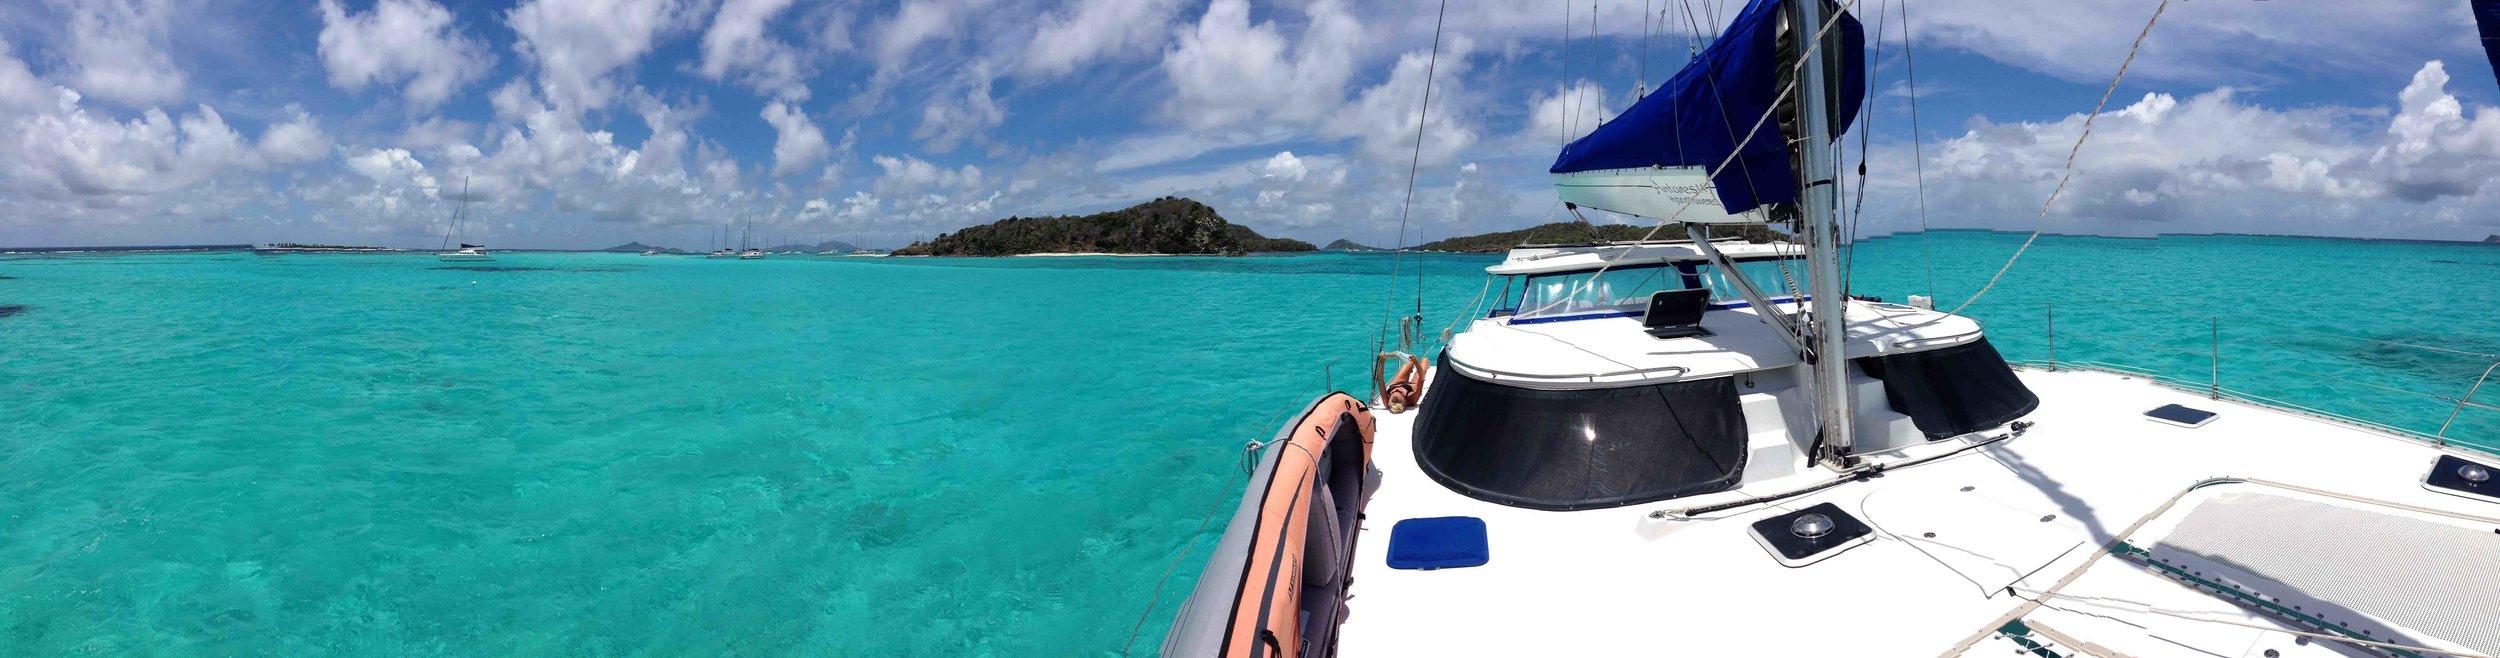 Hard to beat beauty of the Tobago Keys